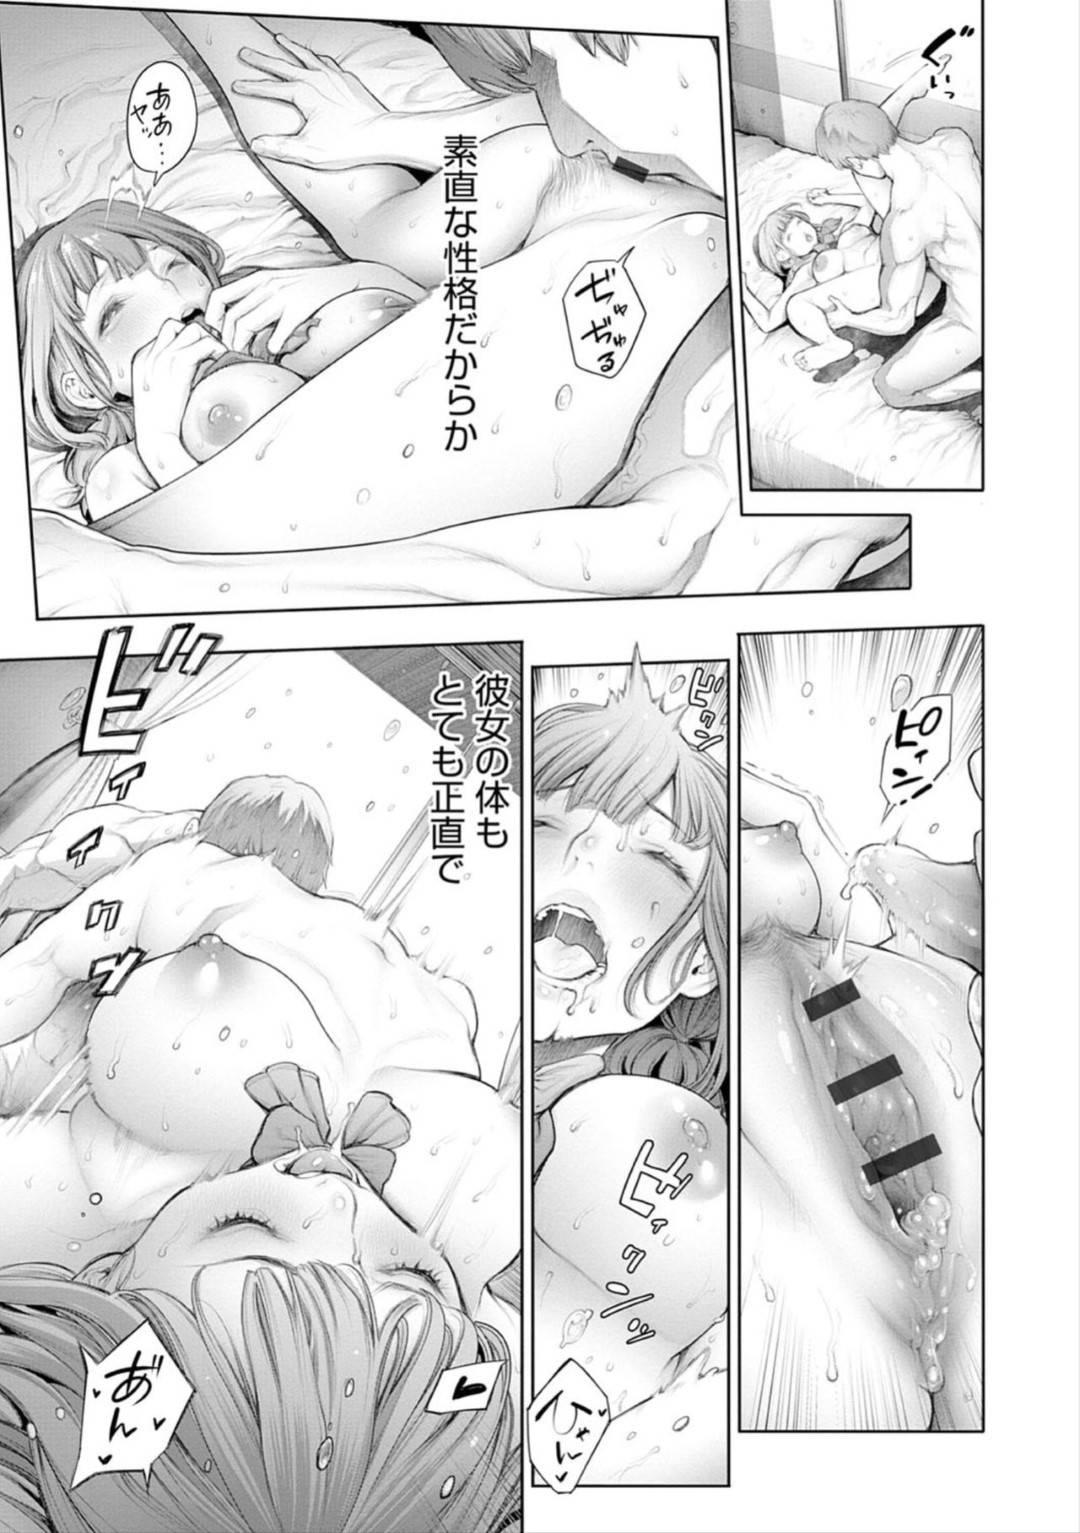 【エロ漫画】放課後に彼氏の家でイチャラブセックスする巨乳JKの彼女…献身的な彼女はフェラでご奉仕し、クンニや脇舐め、乳首などで感じまくる!そしてびしょ濡れになったオマンコに生挿入されて大量中出しで絶頂するのだった。【おかゆさん:事後のおたのしみ】